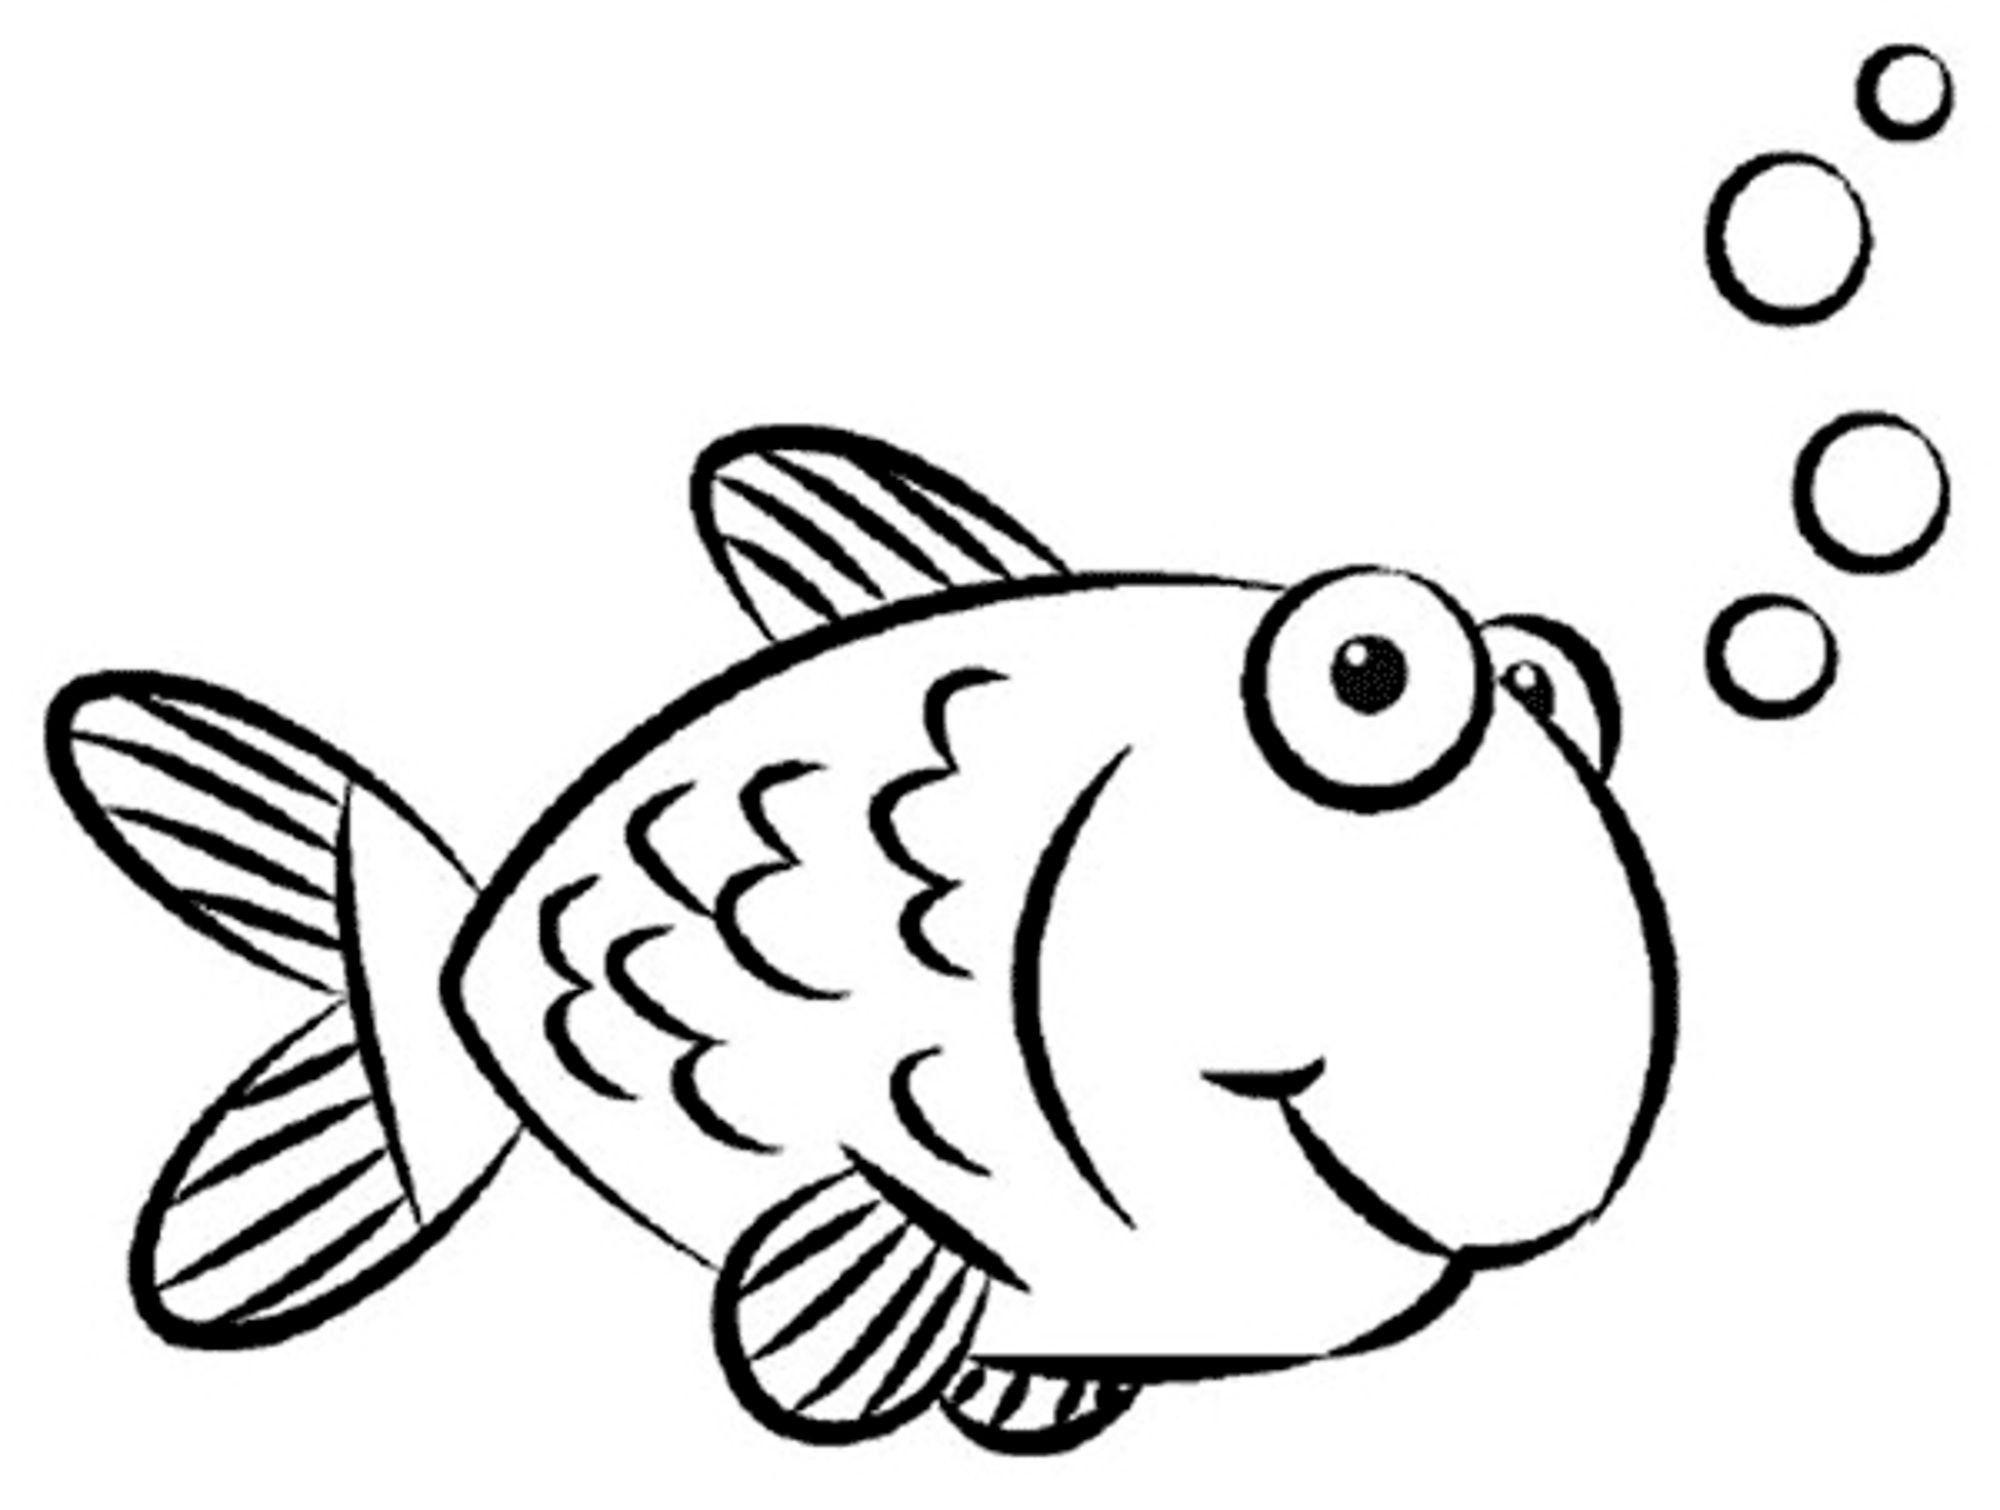 Malvorlagen Fur Kinder Musikinstrumente Ausmalbilder Wenn Du Mal Buch Ausmalbilder Fische